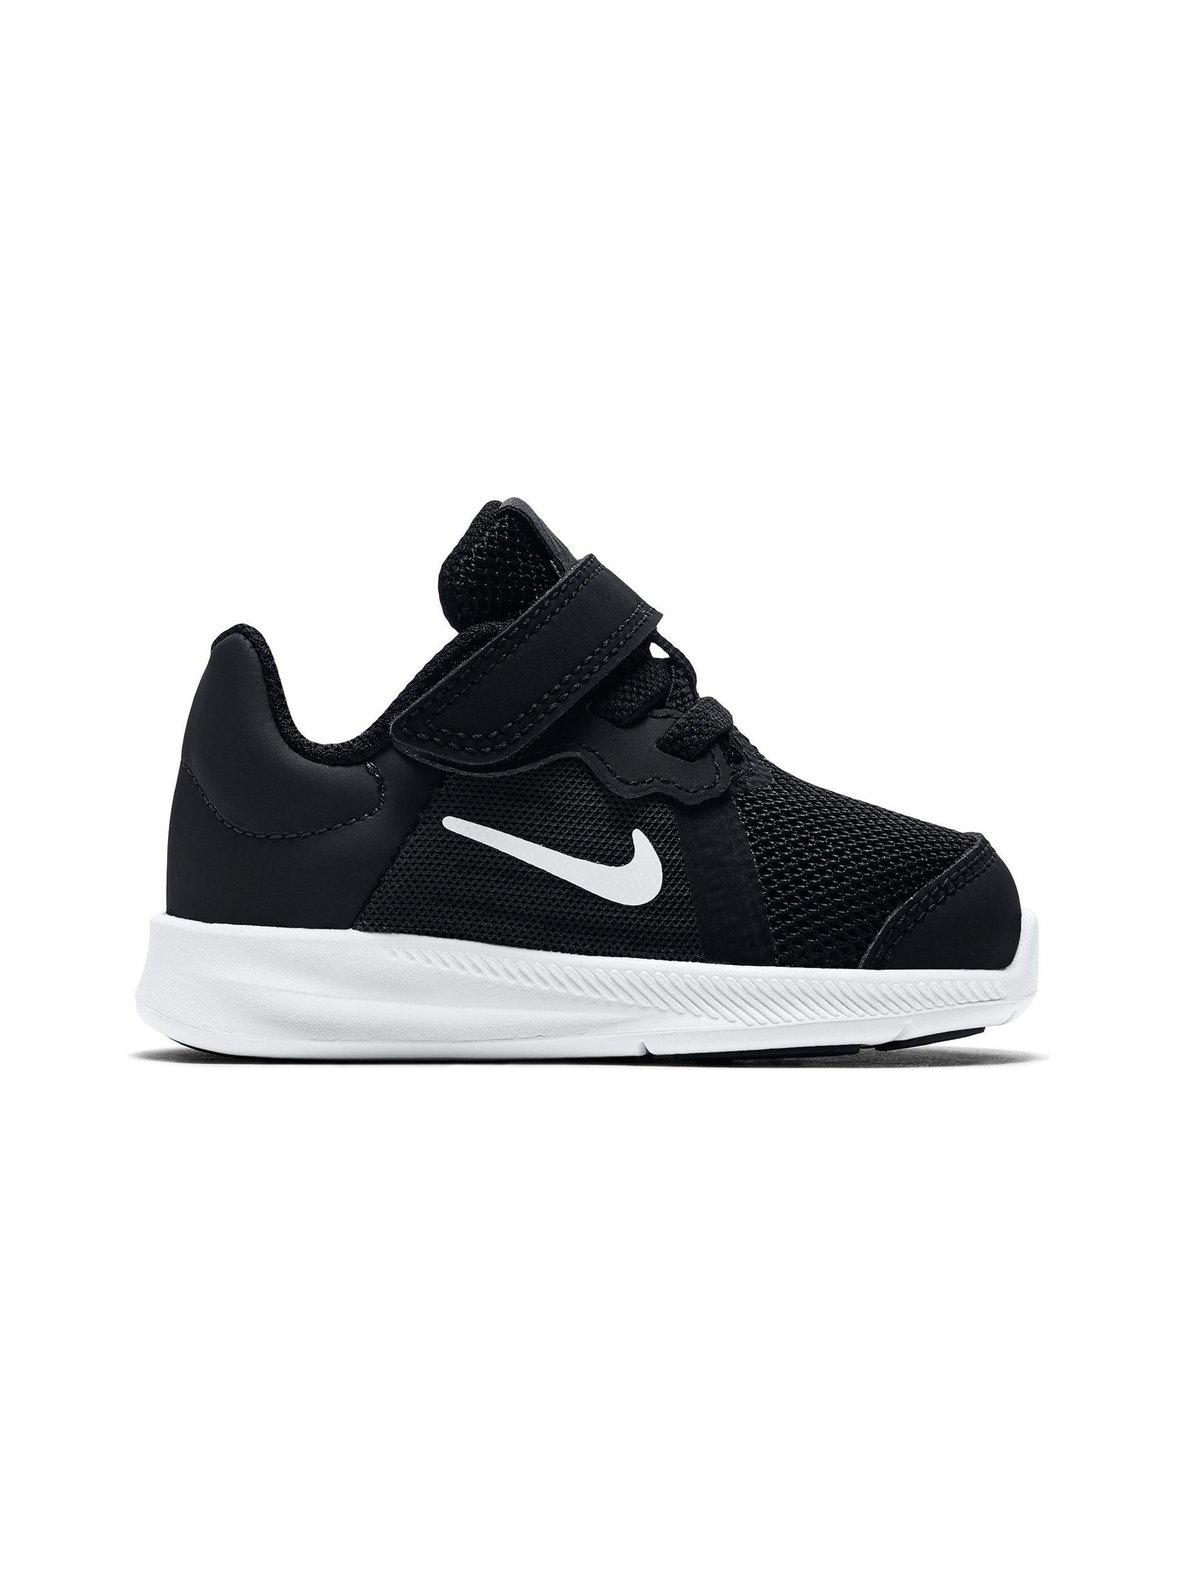 Nike 8 Lapset Blackwhite 92285622 Sneakerit Downshifter TKul1J3Fc